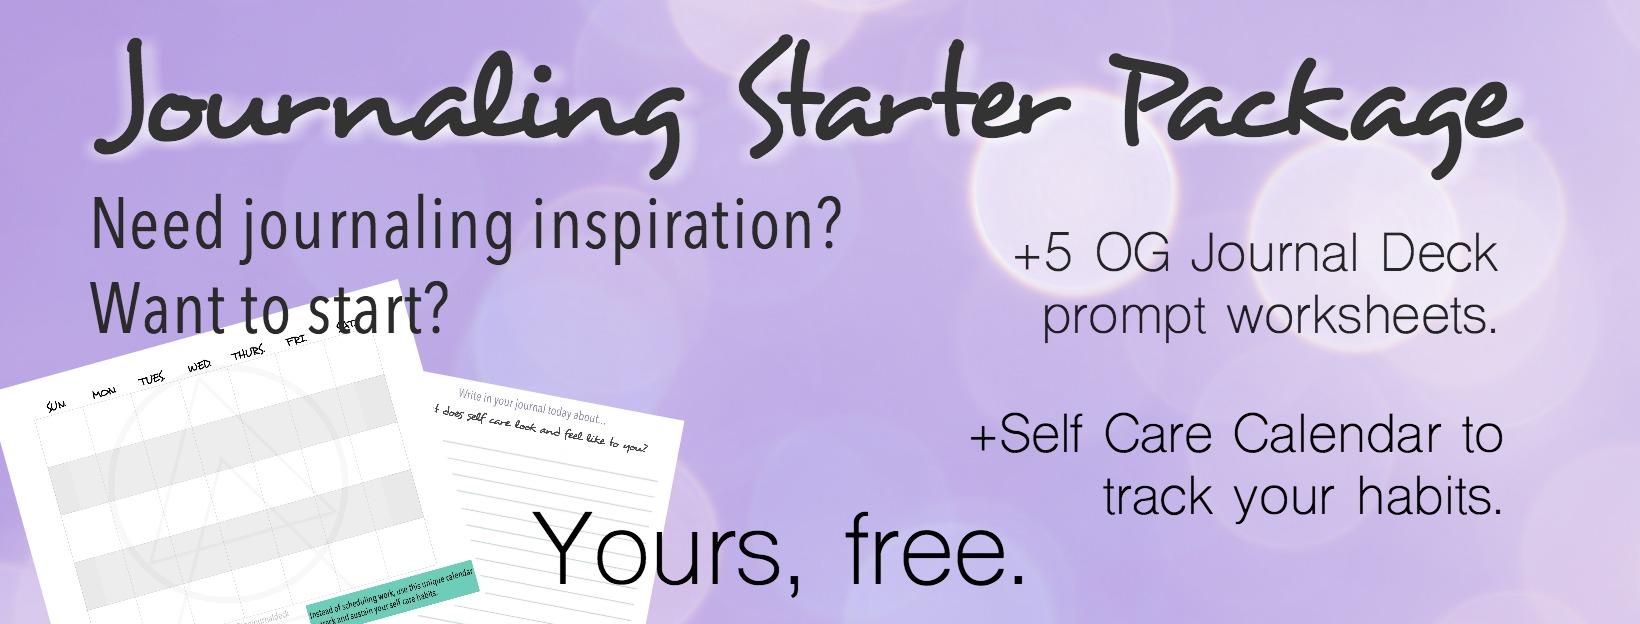 fb journaling starter pacage.jpg